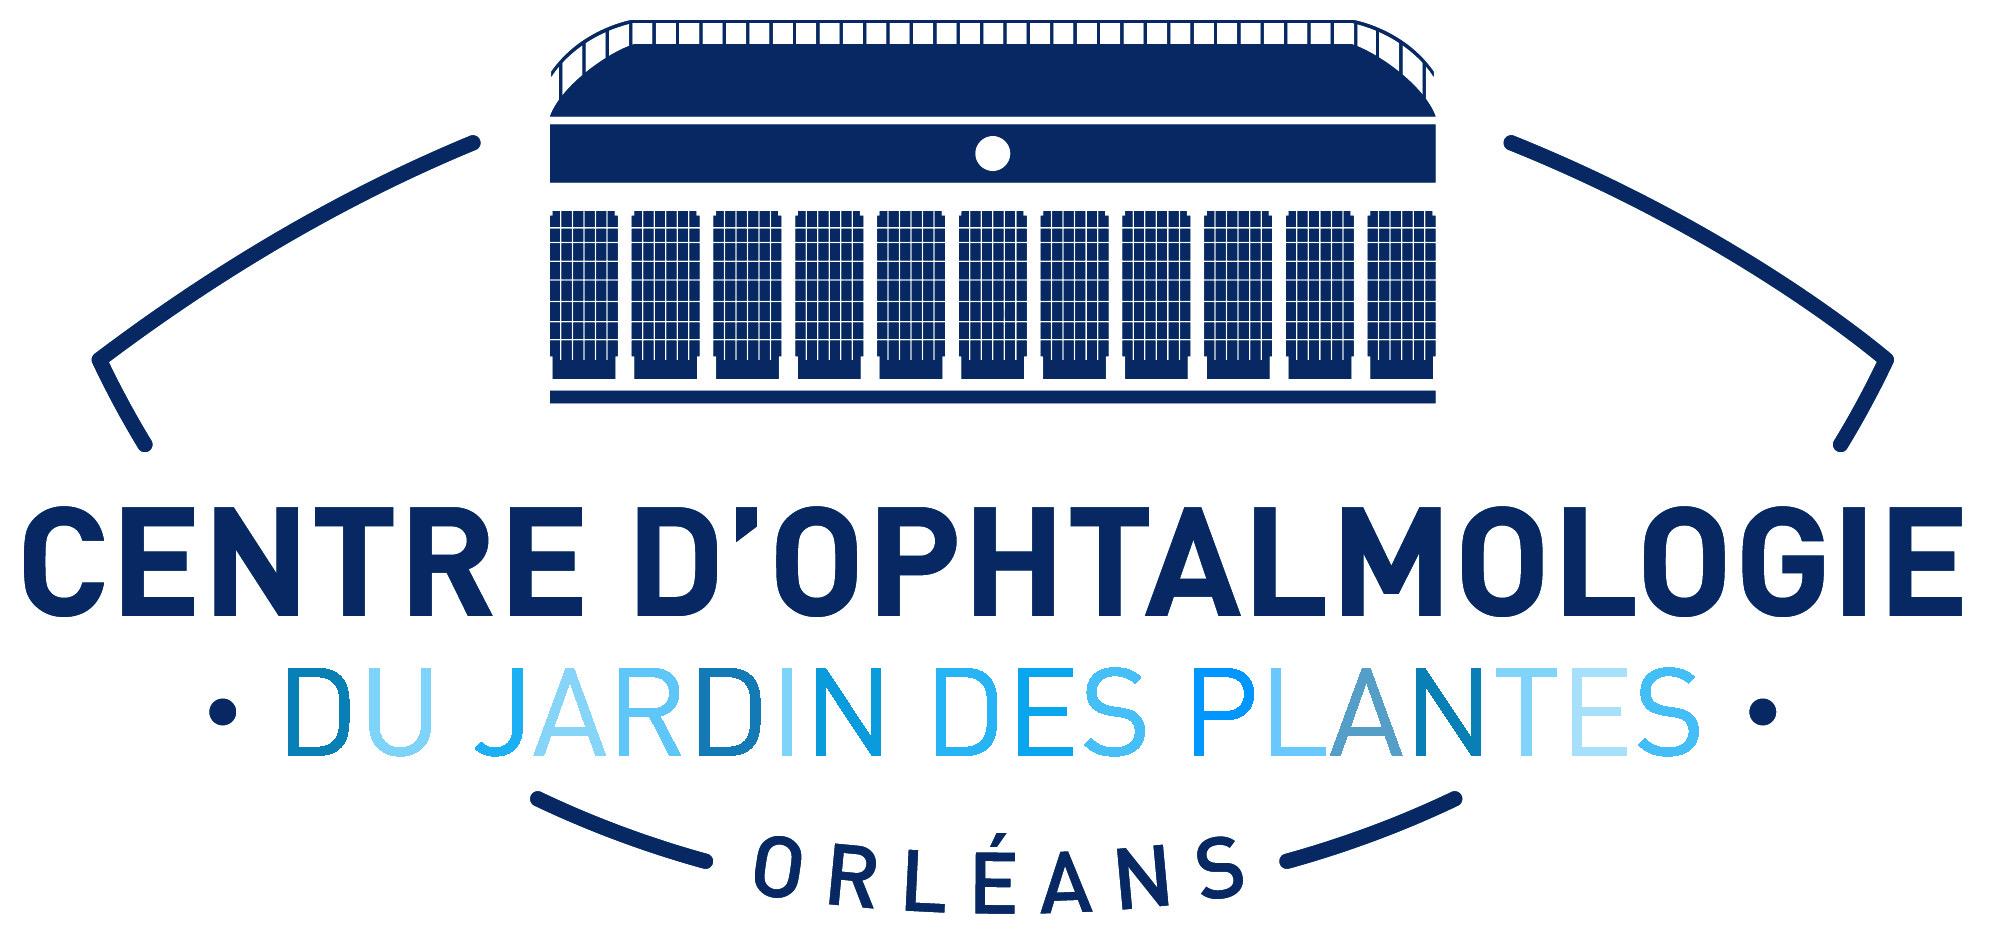 Centre d'Ophtalmologie du Jardin des Plantes Orléans